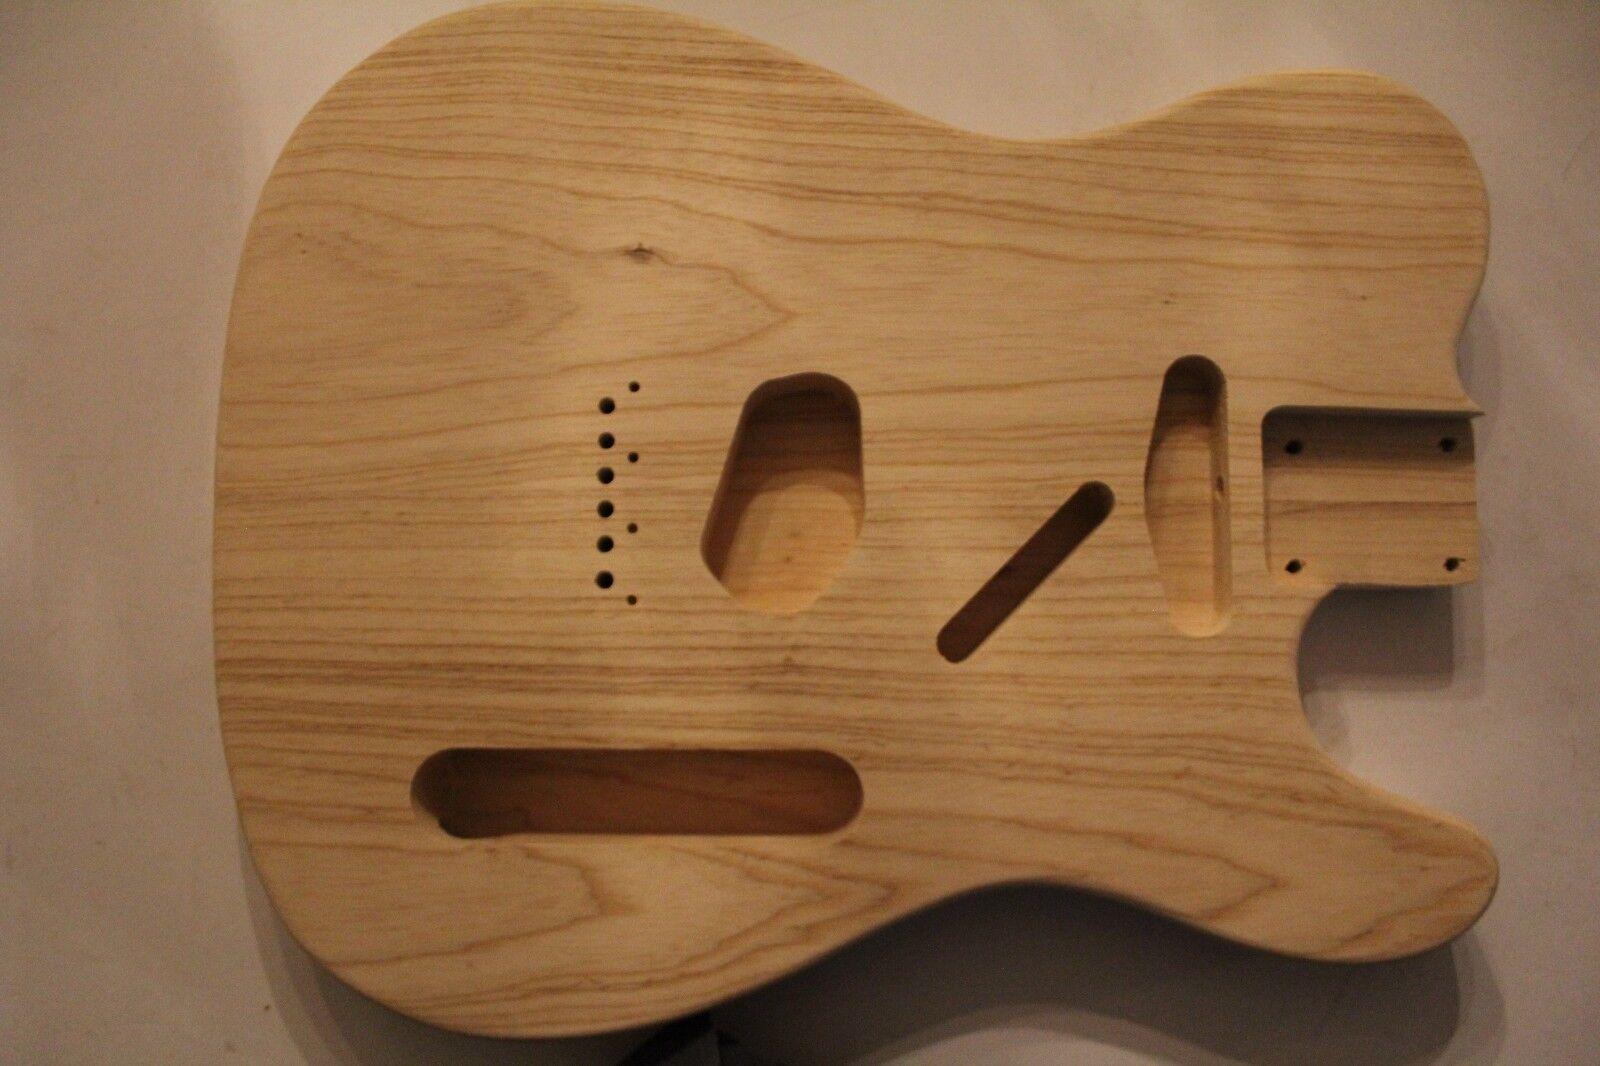 TMG Tele Body Korpus Swamp Ash Sumpfesche Gitarrenbau 56mm HT leicht 1,7 - 2 Kg